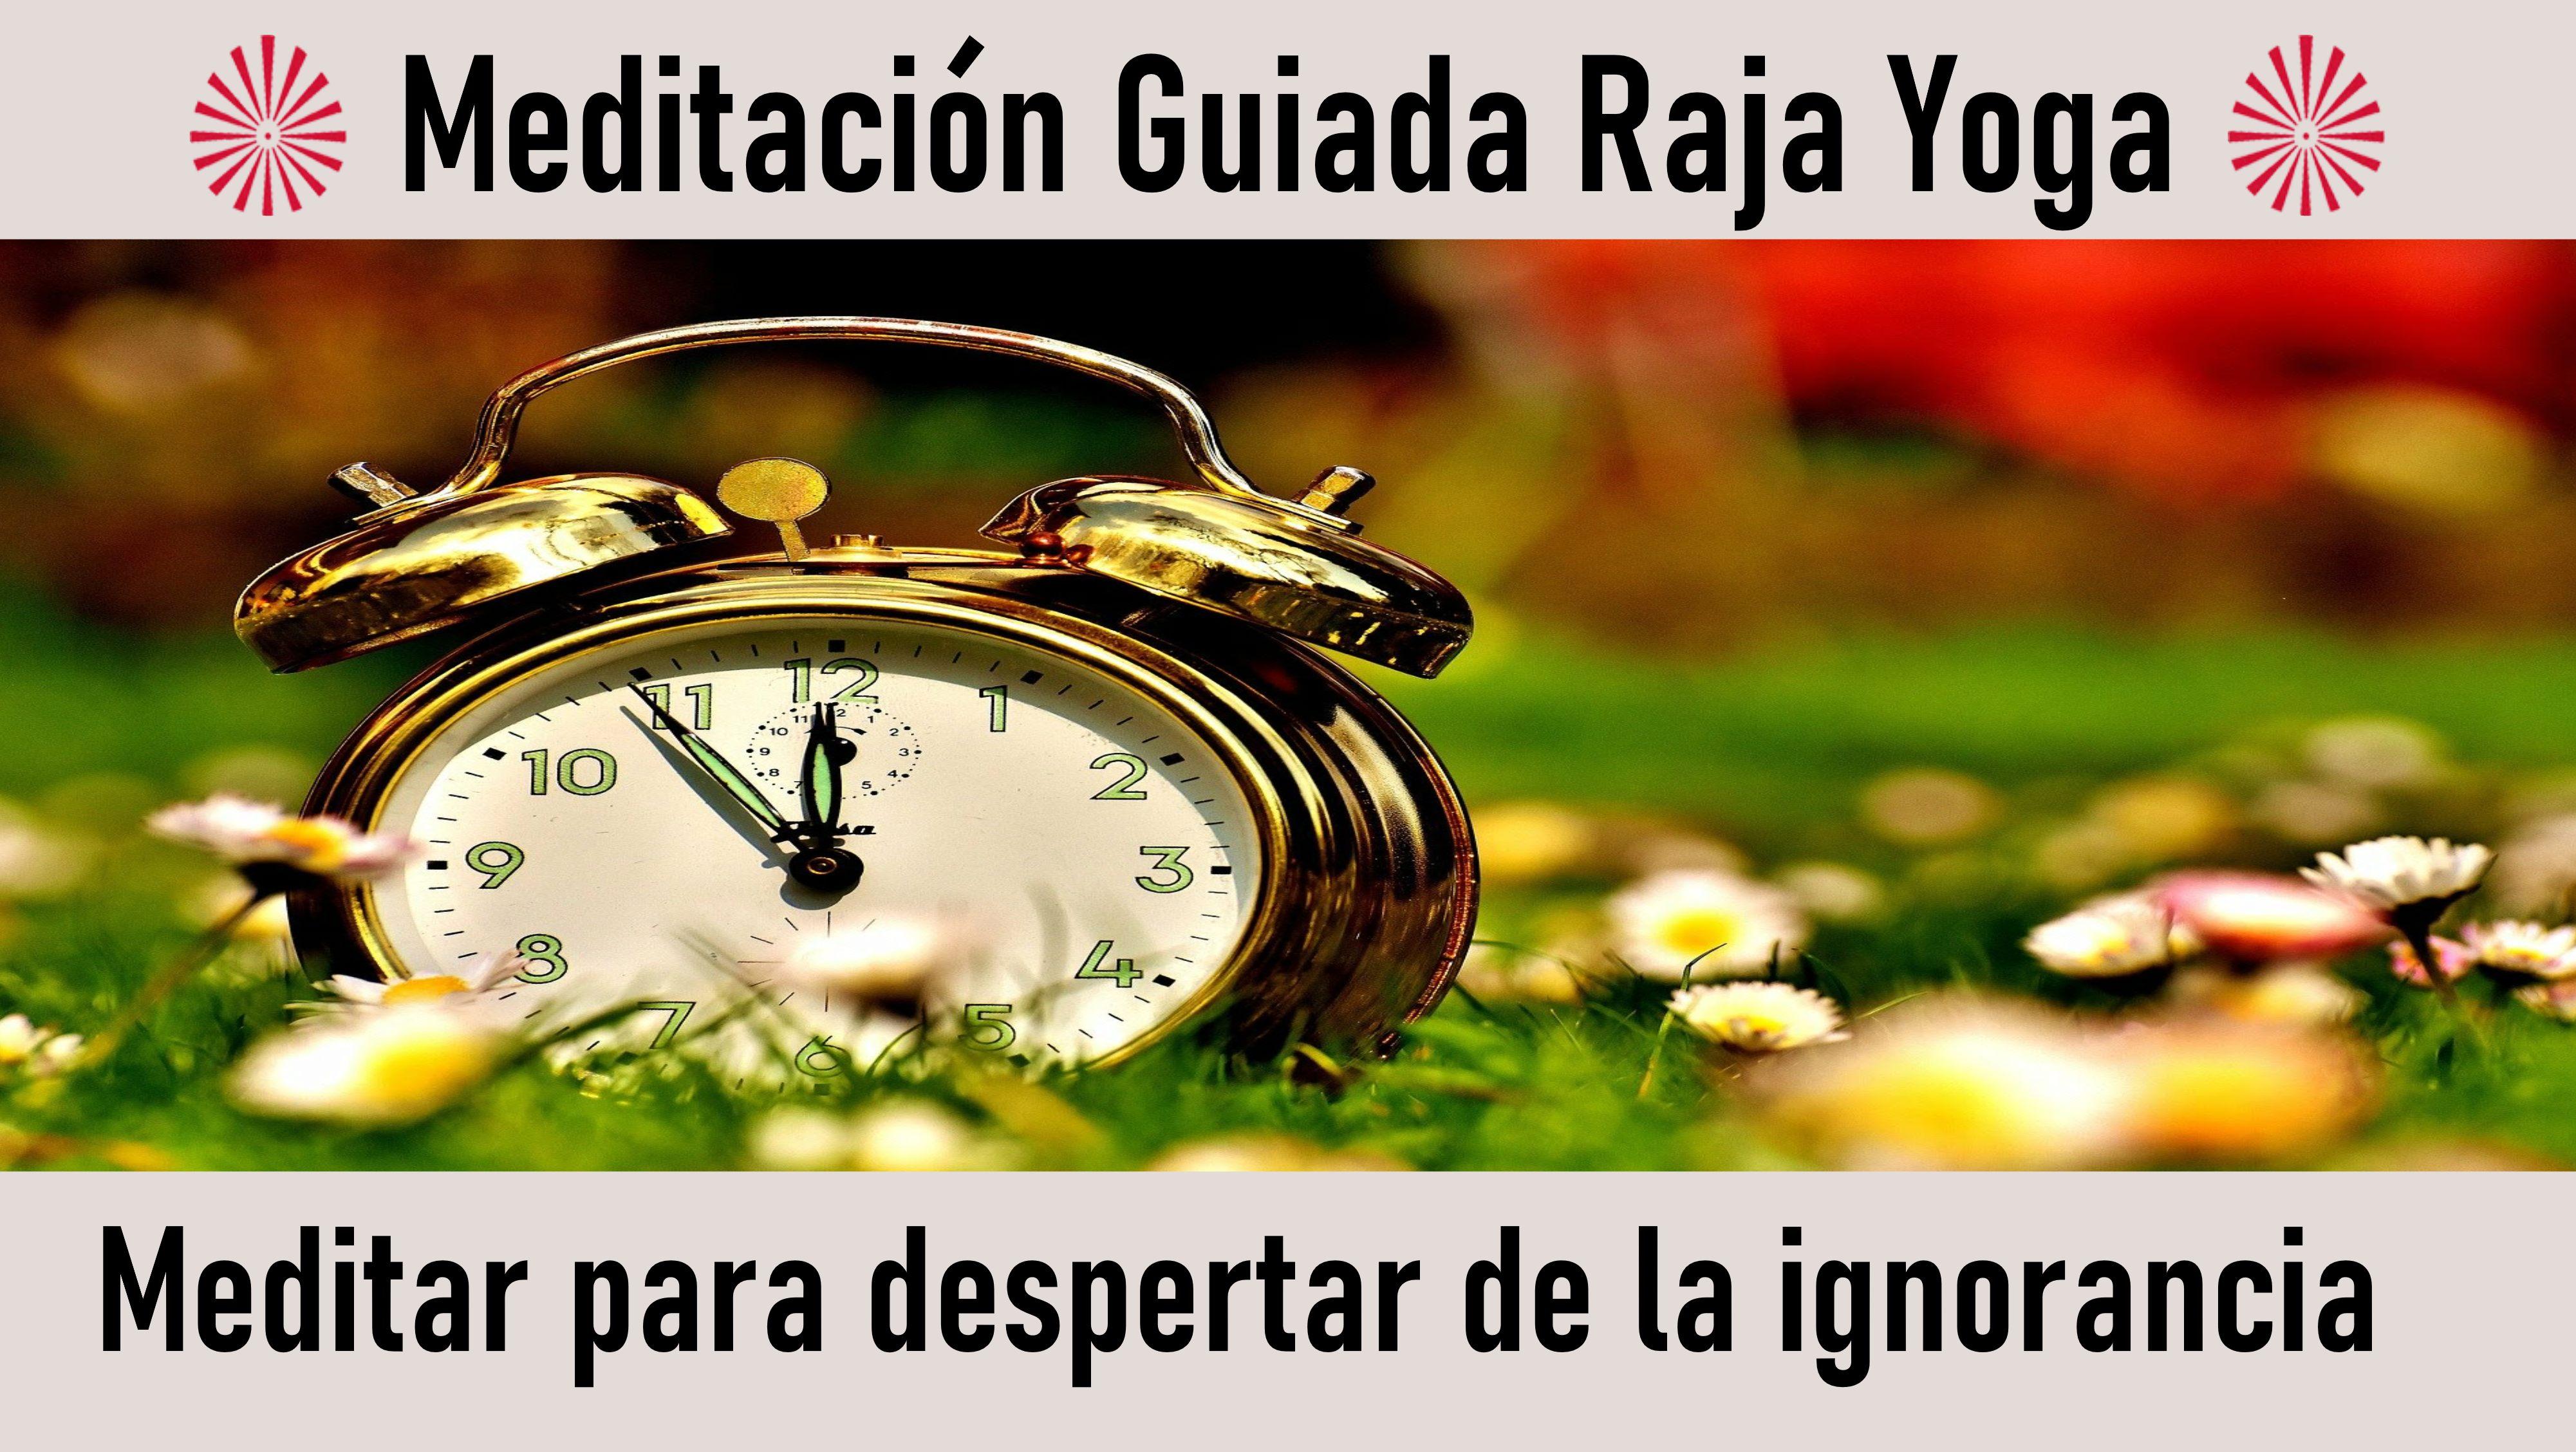 Meditación Raja Yoga: Meditar para despertar de la ignorancia (12 Agosto 2020) On-line desde Sevilla